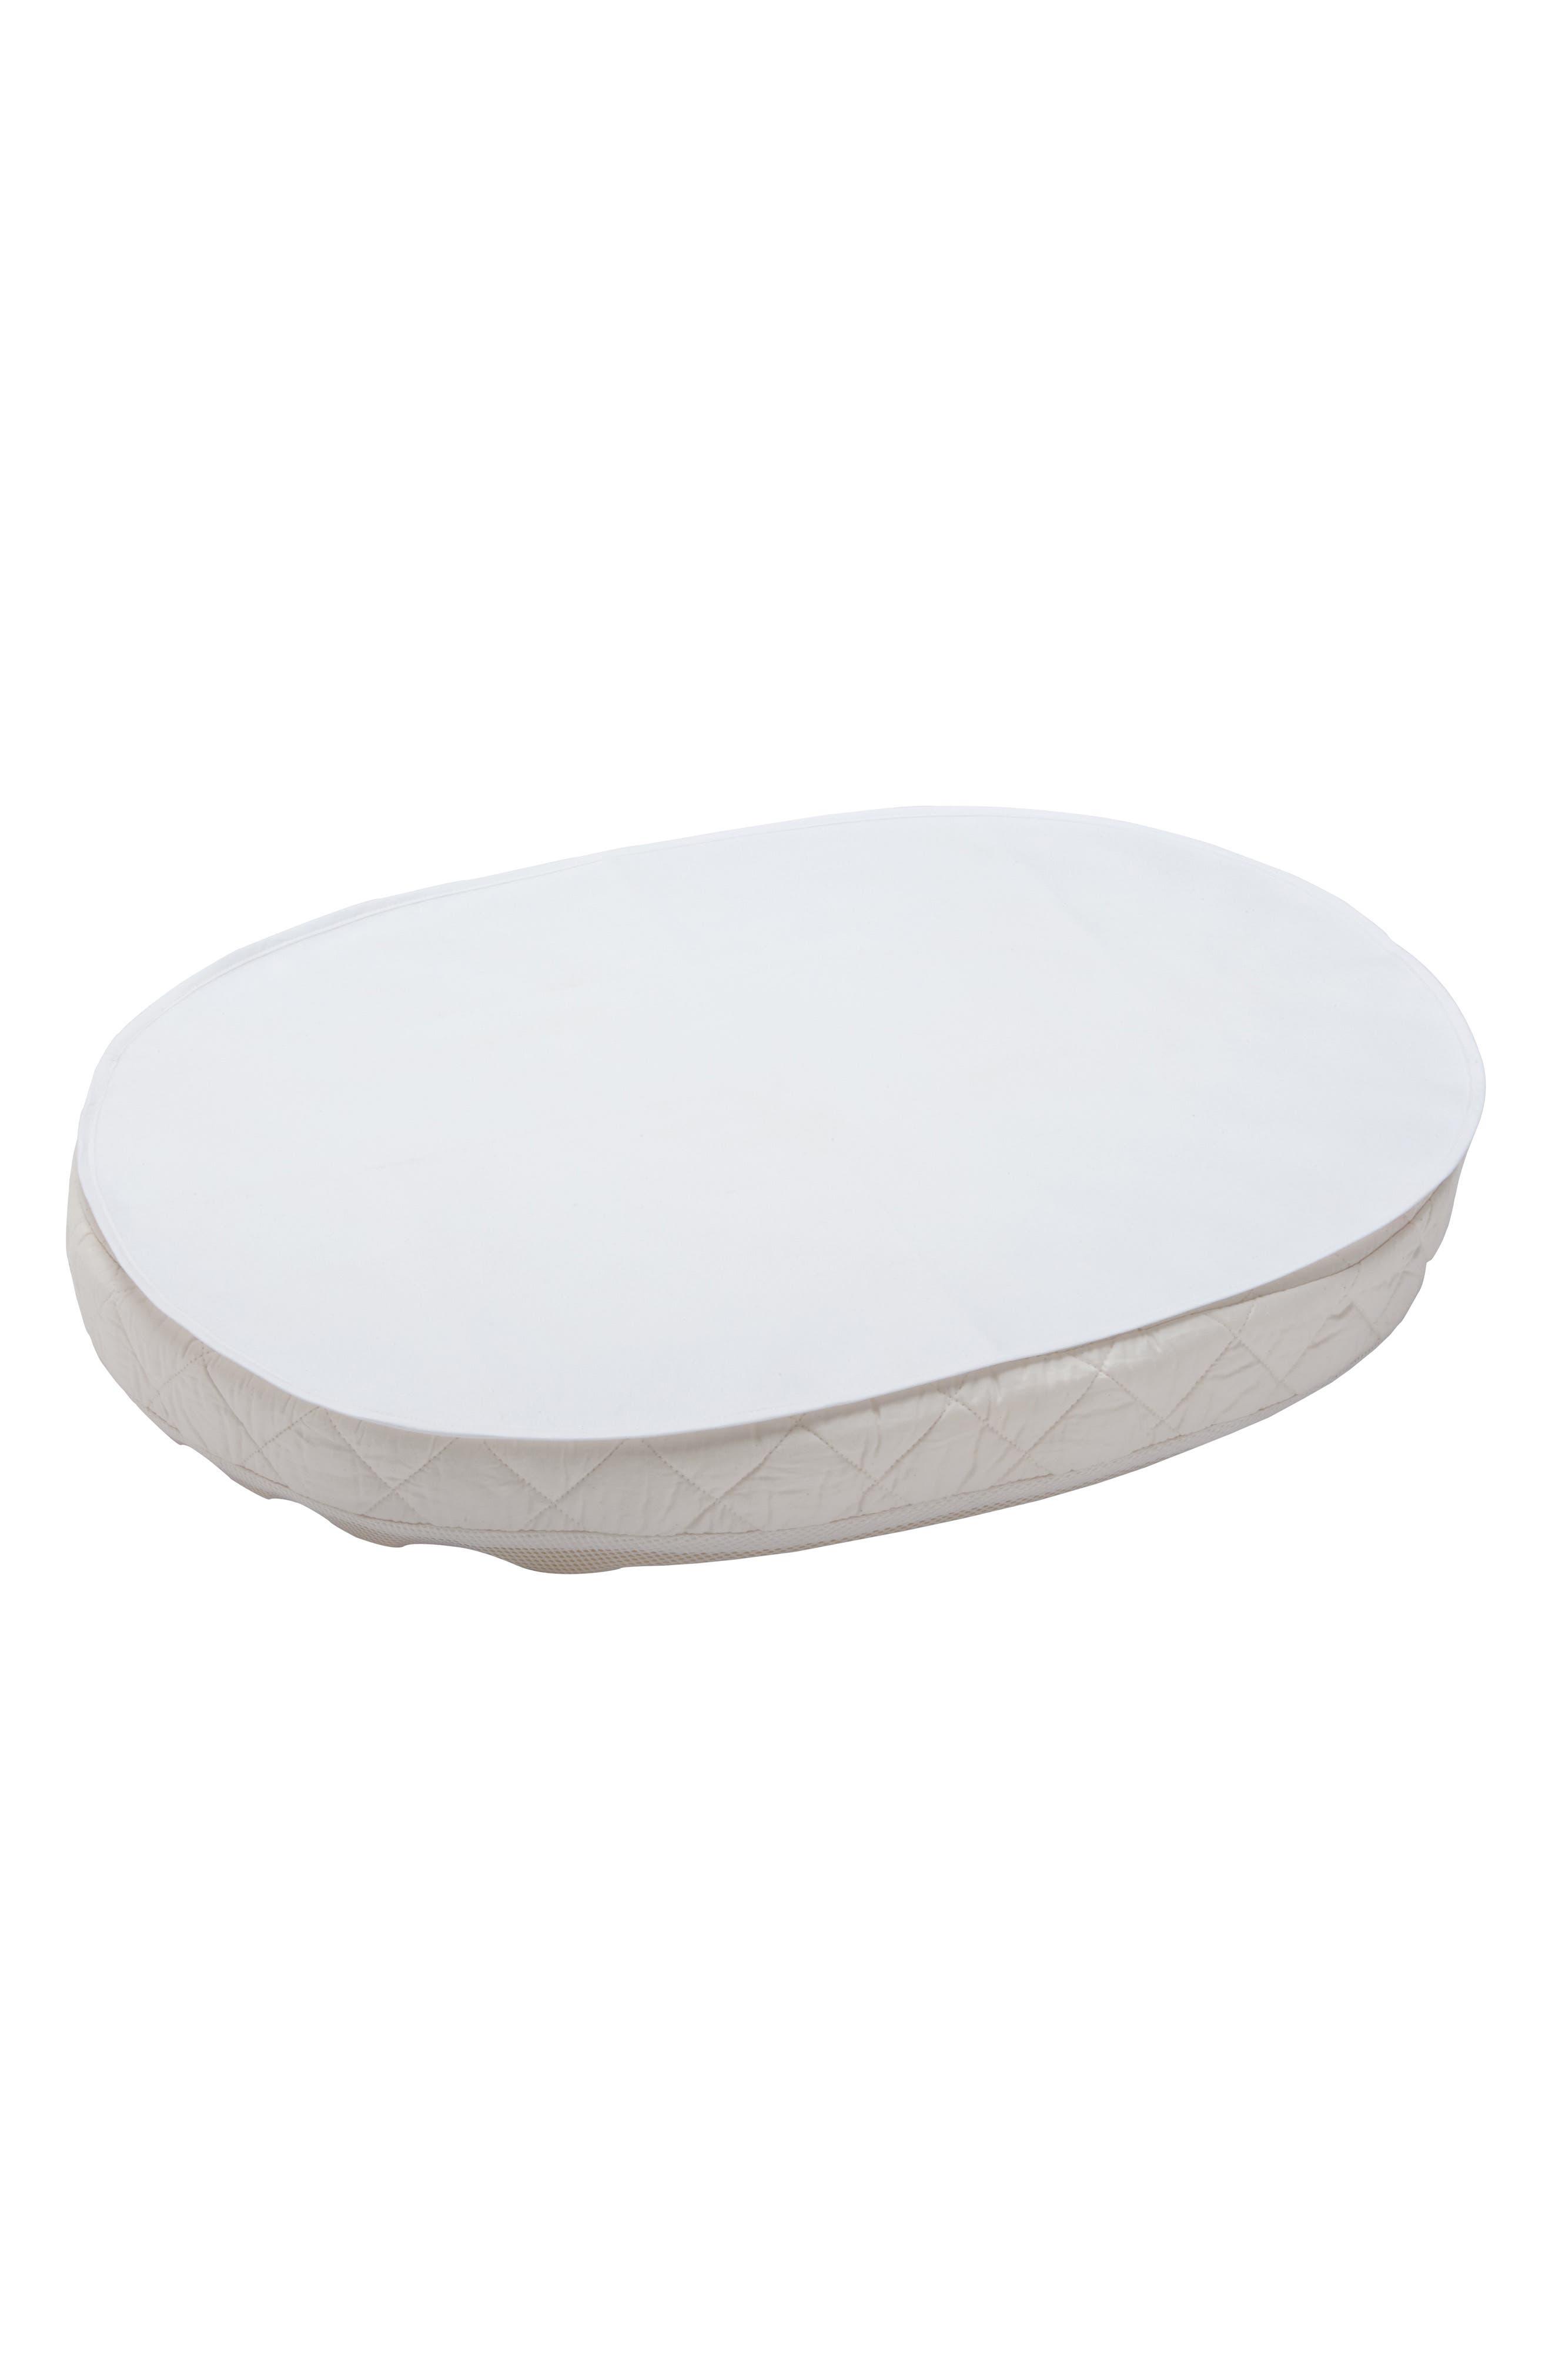 STOKKE, Sleepi Mini Waterproof Crib Sheet, Main thumbnail 1, color, WHITE